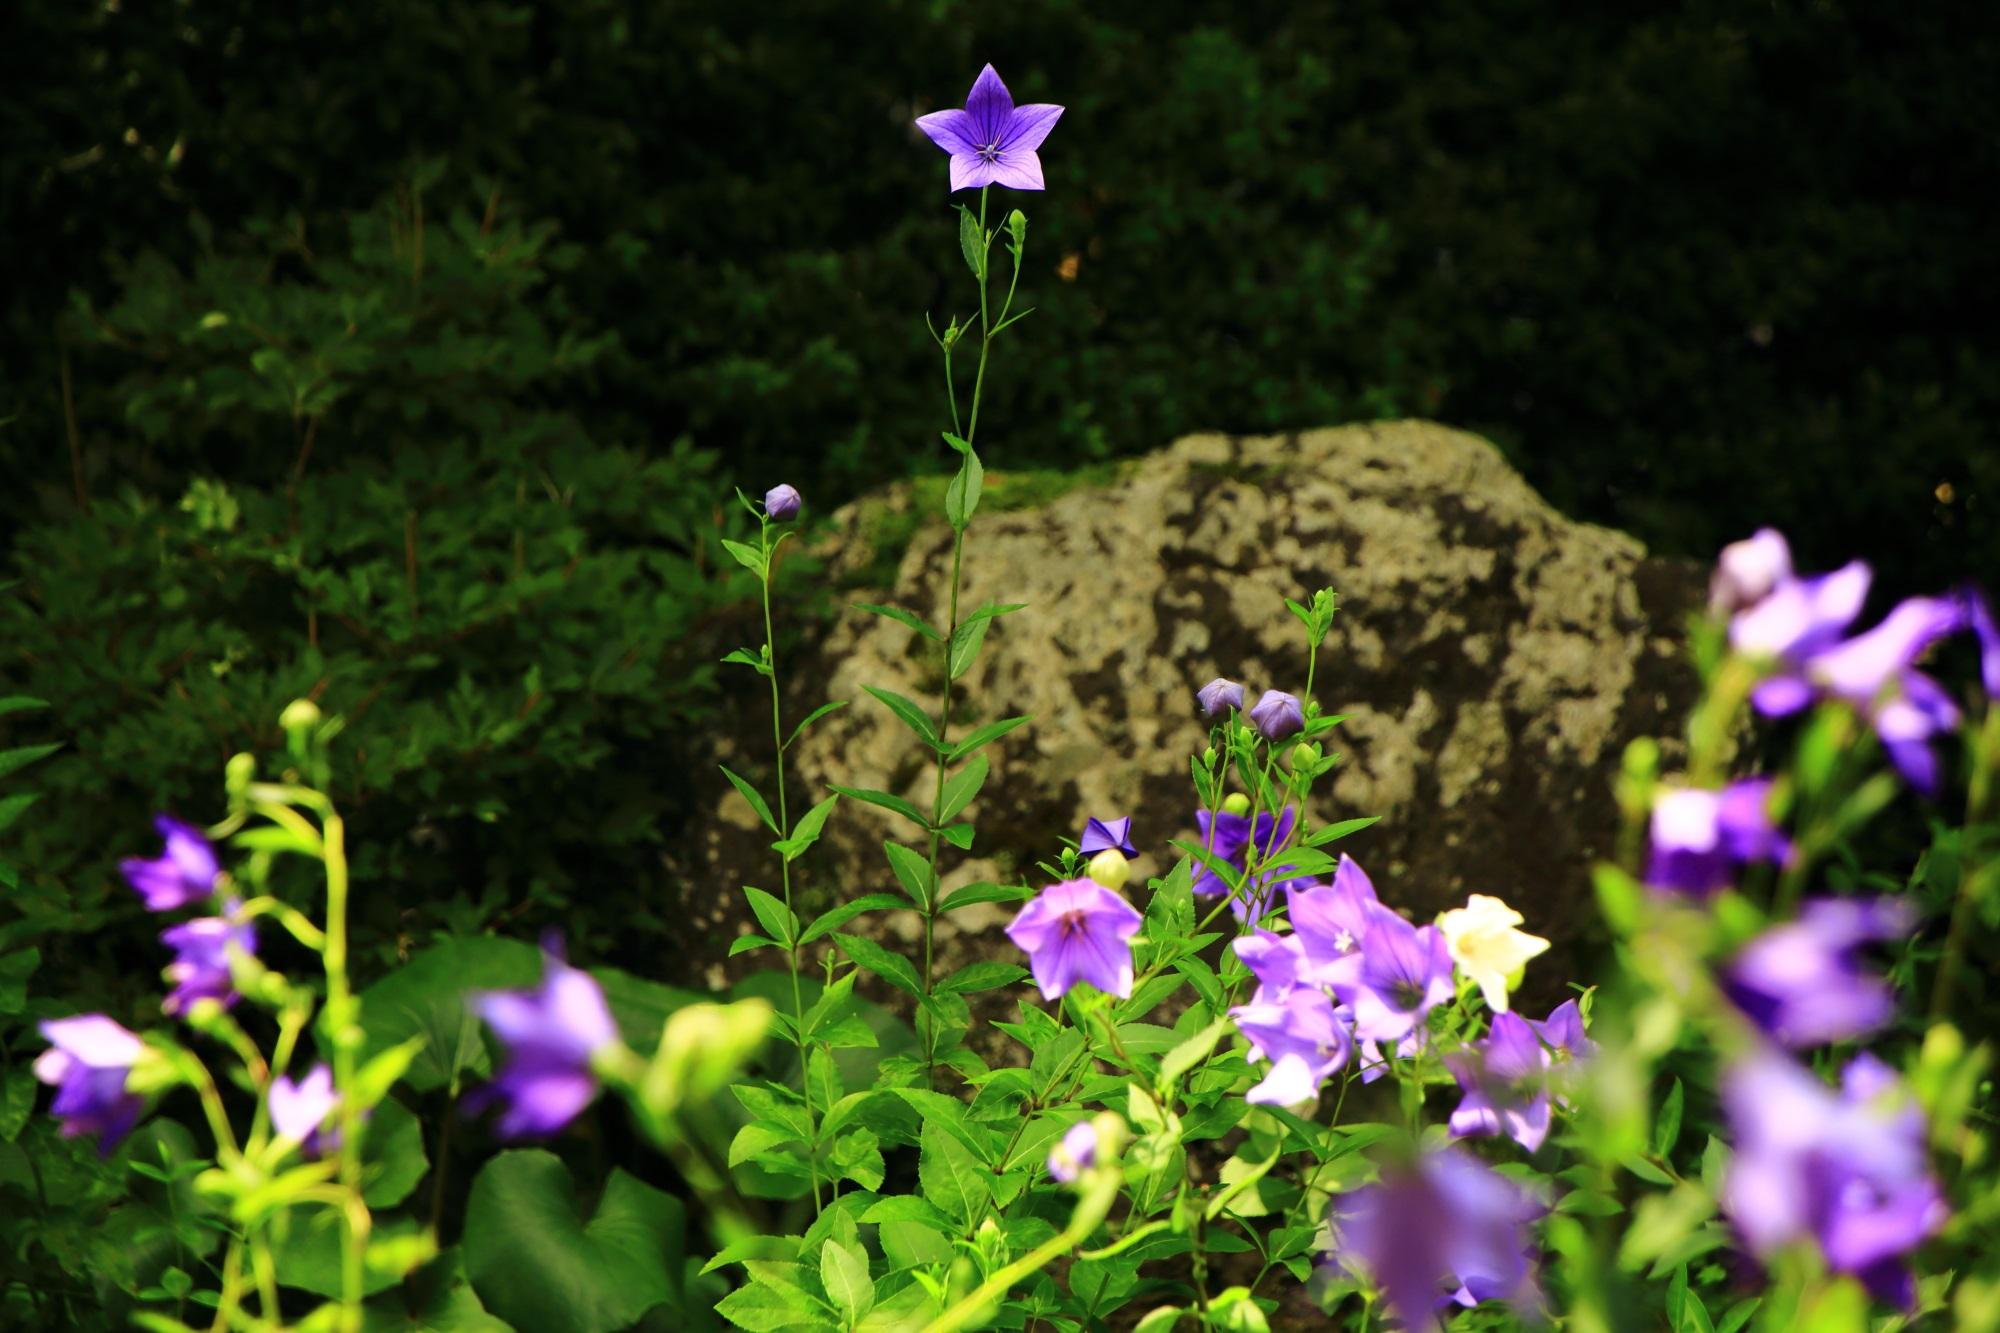 天得院のこっちを見ているような満開の桔梗の花